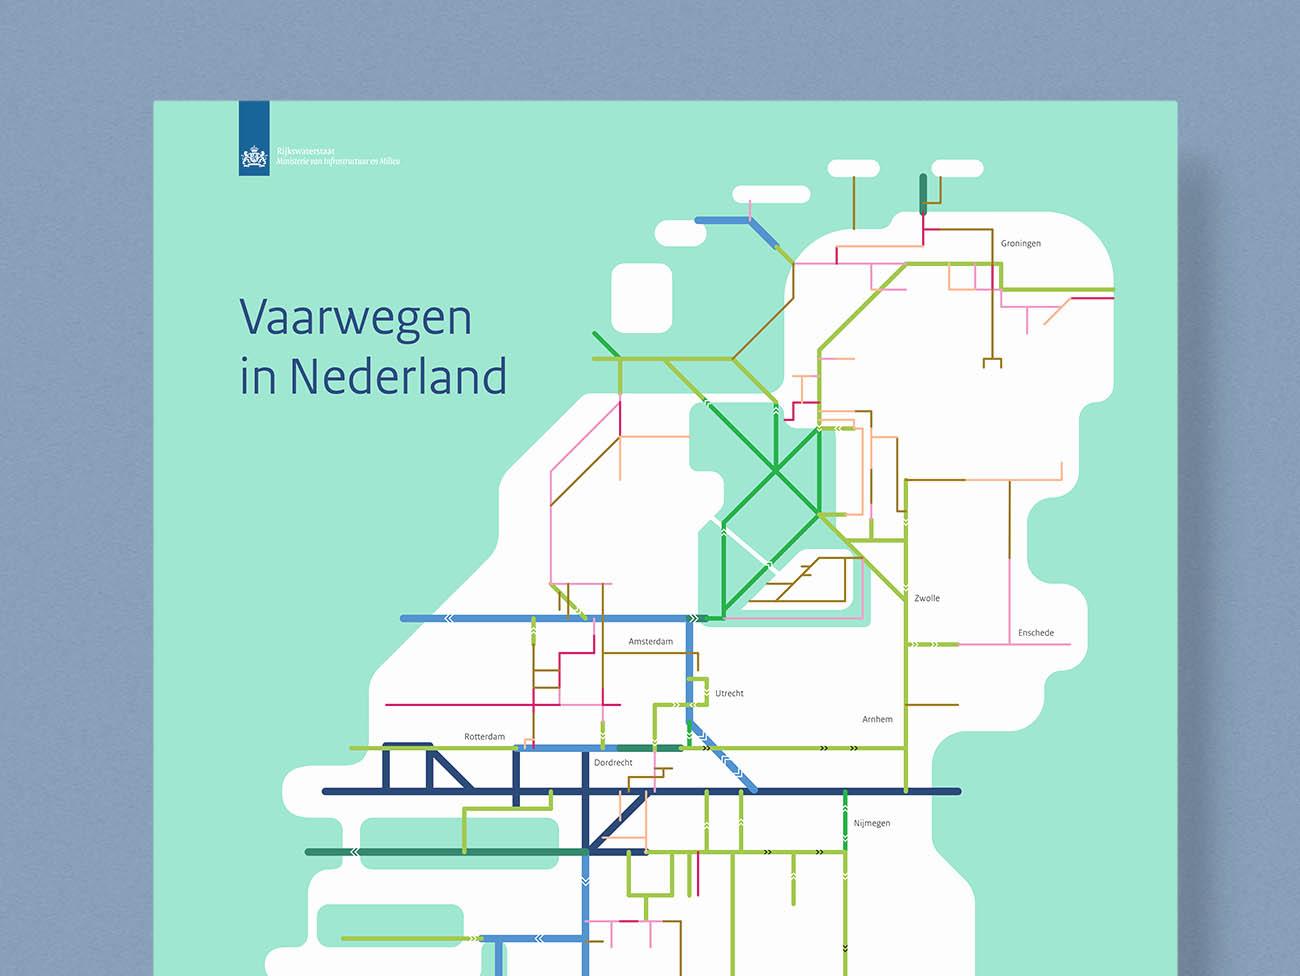 Rijkswaterstaat, vaarwegenkaart, Studio enkelvoud, overheid, tweede kamer, infographic, simpel, eenvoud, grafisch, ontwerp